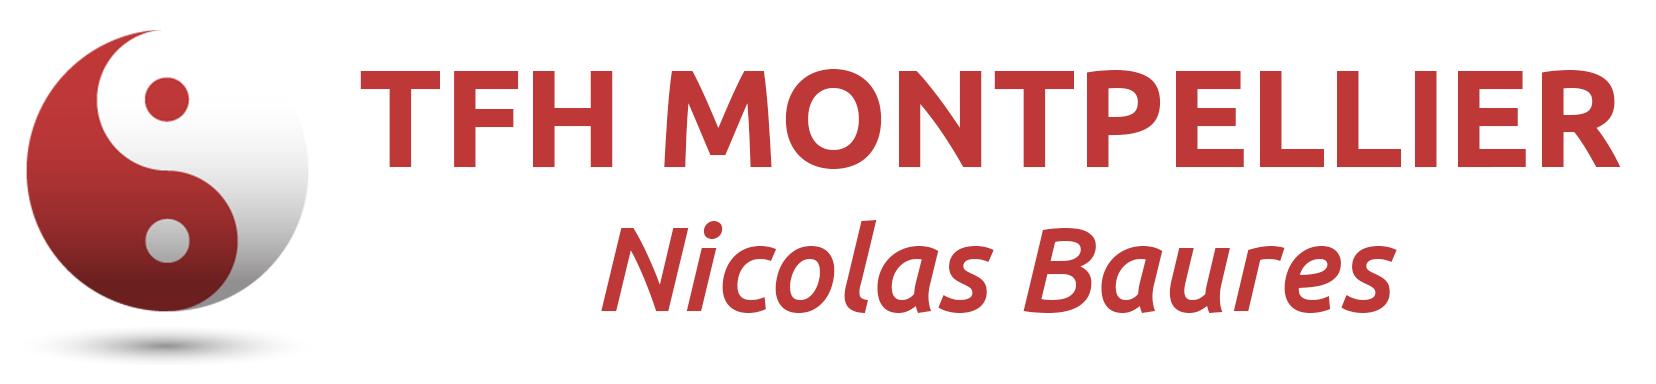 Tfh-Montpellier